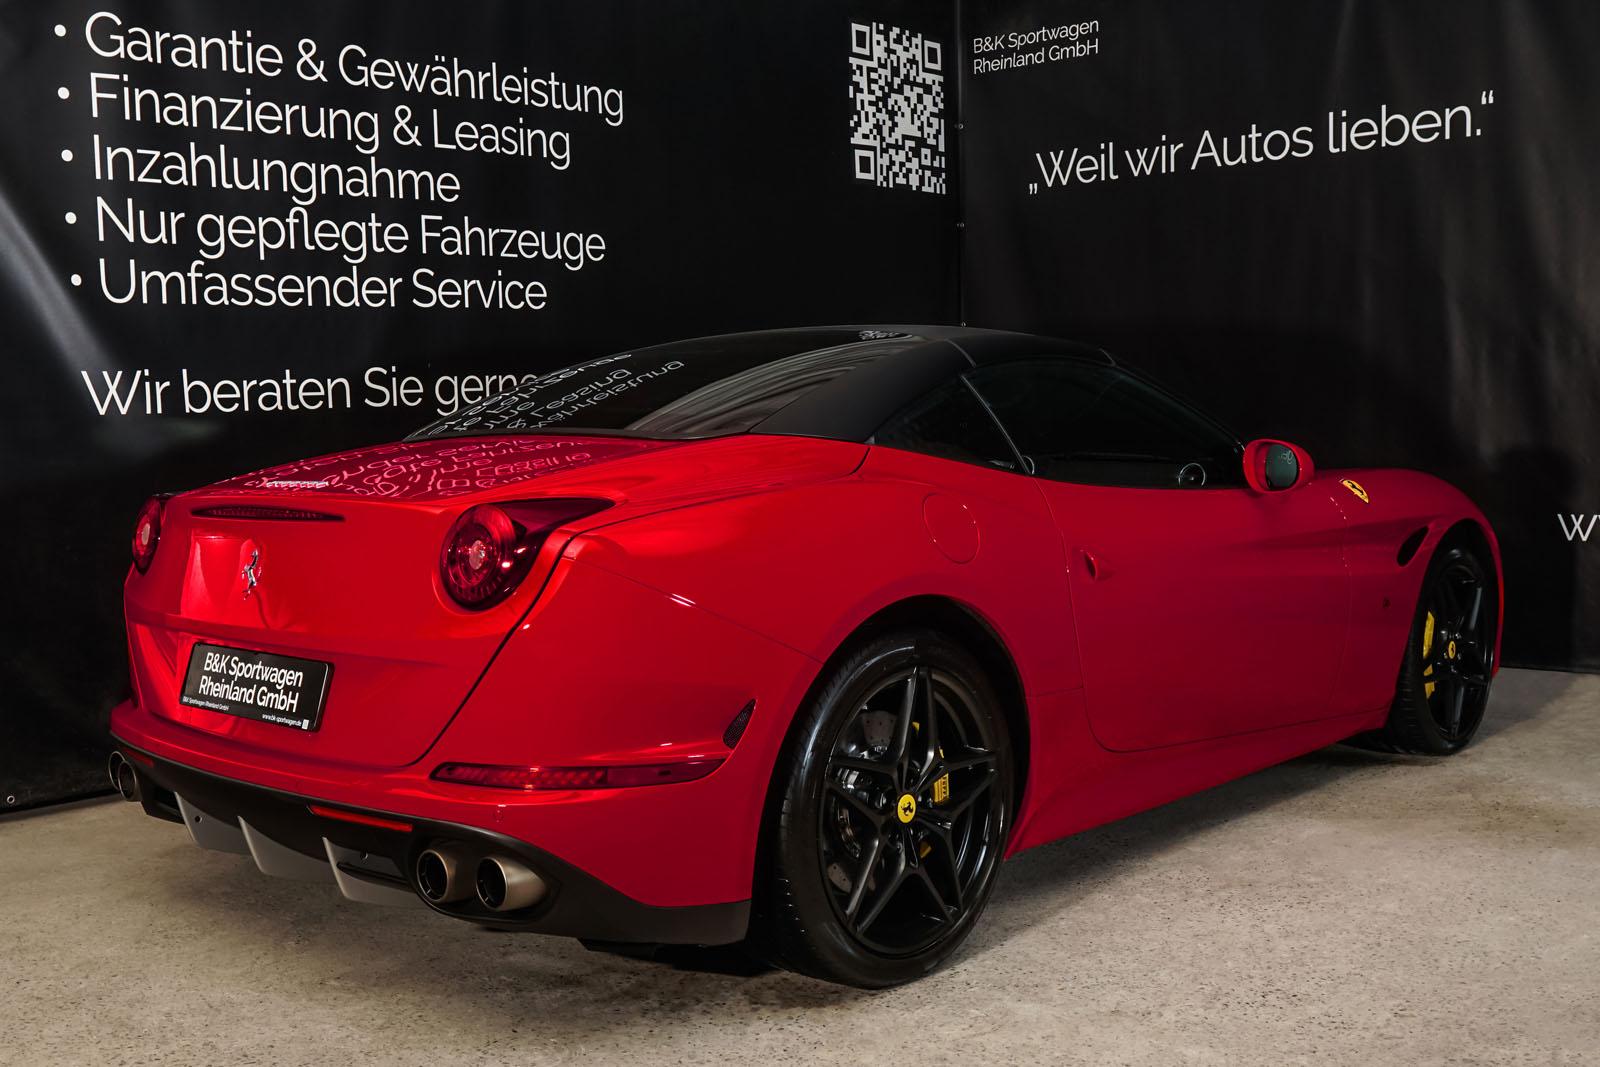 Ferrari_CaliforniaT_Rot_Schwarz_FER-7119_15_w